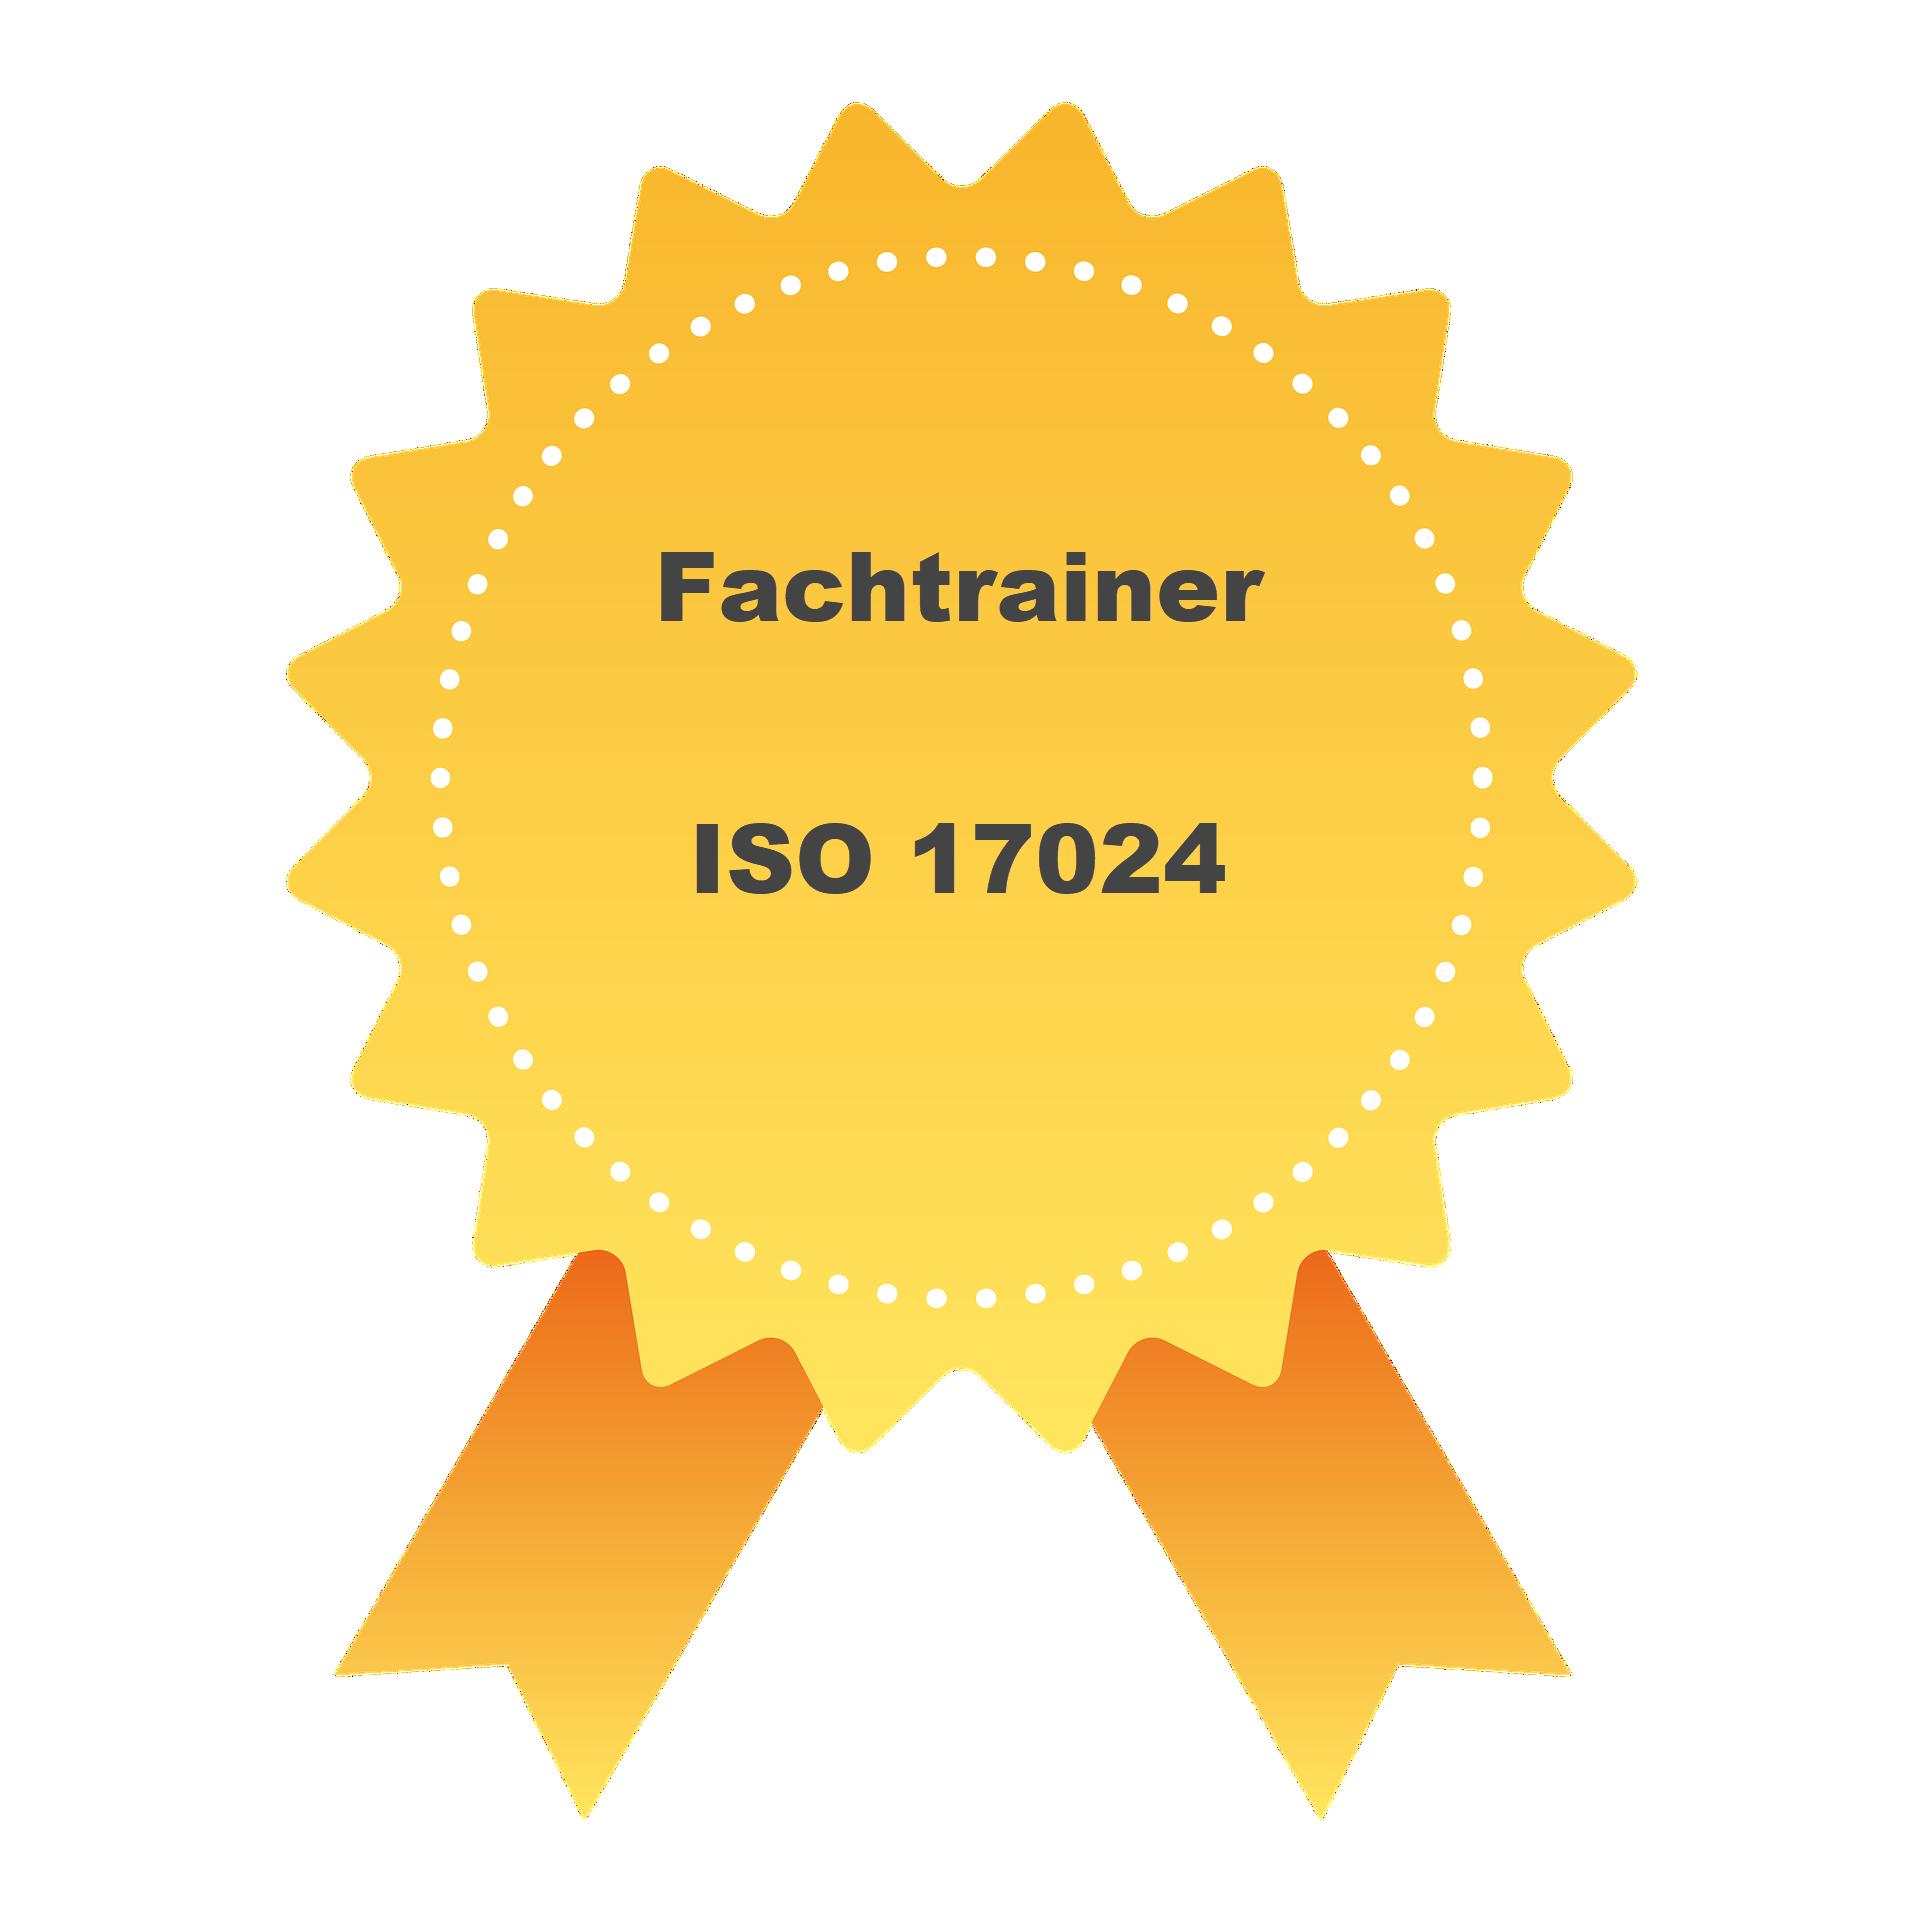 Fachtrainer Zertifikat